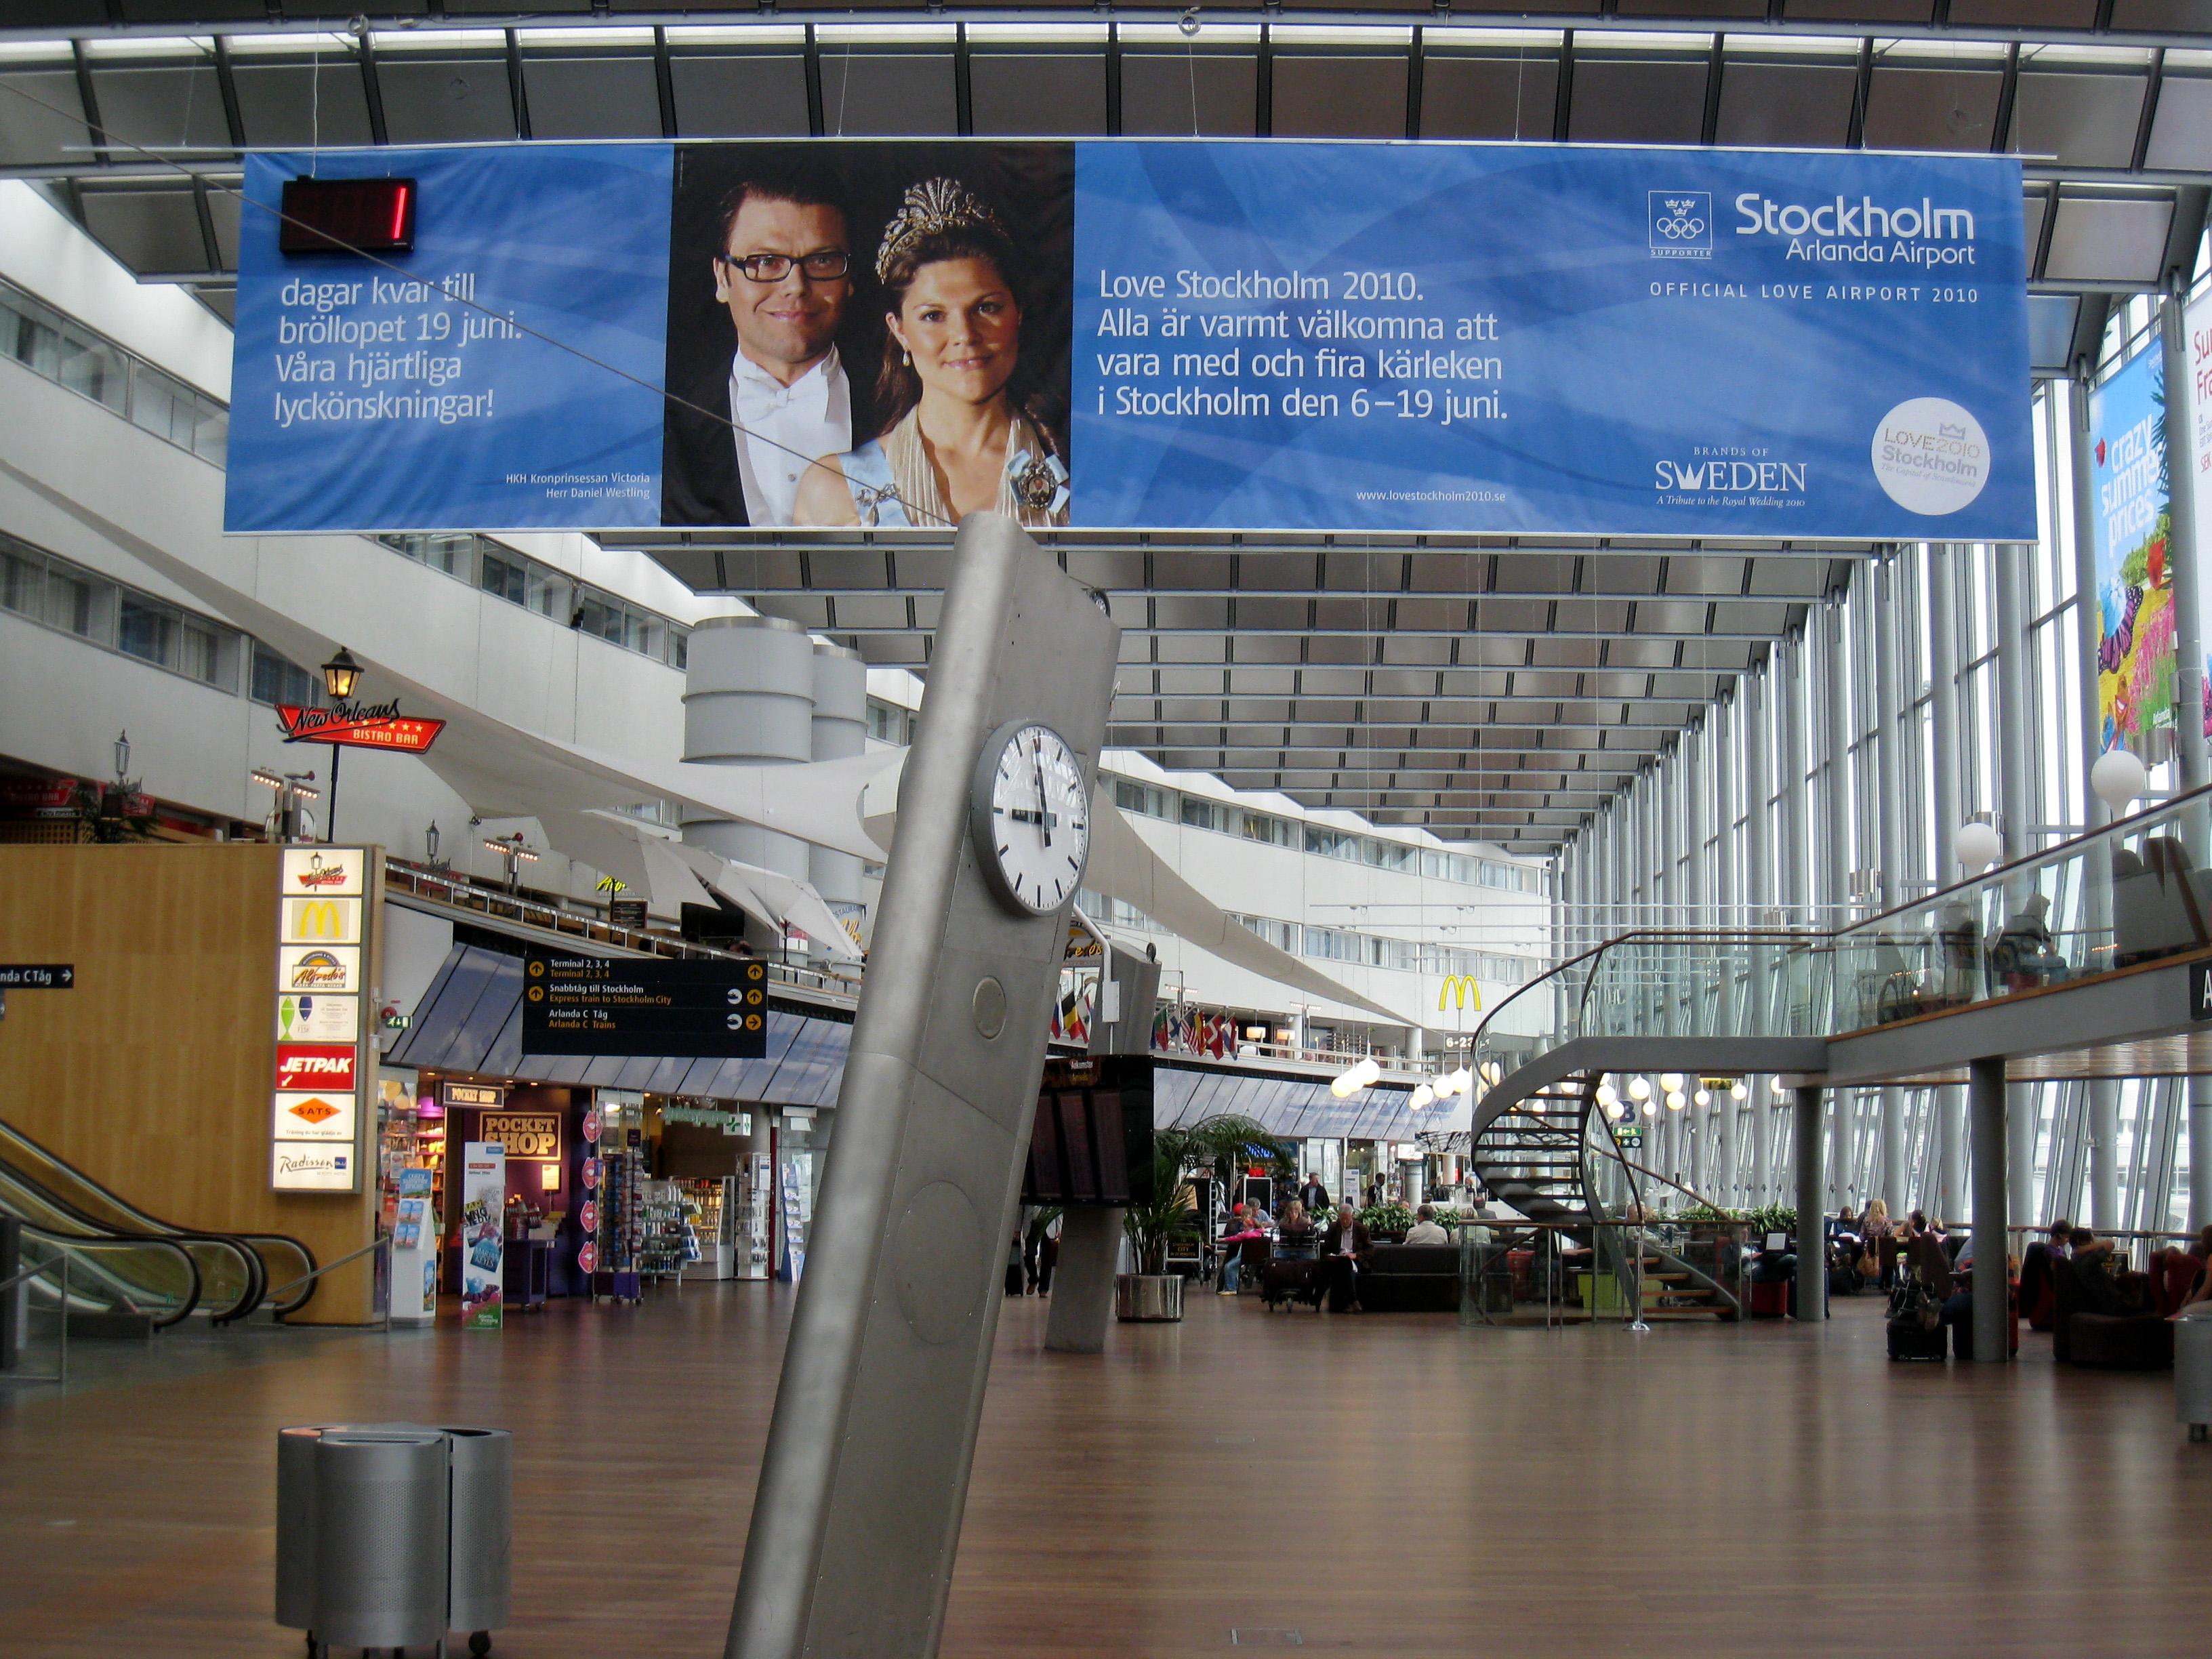 Stockholm Arlanda Airport Banner 18 June 2010 - Royal Wedding Date